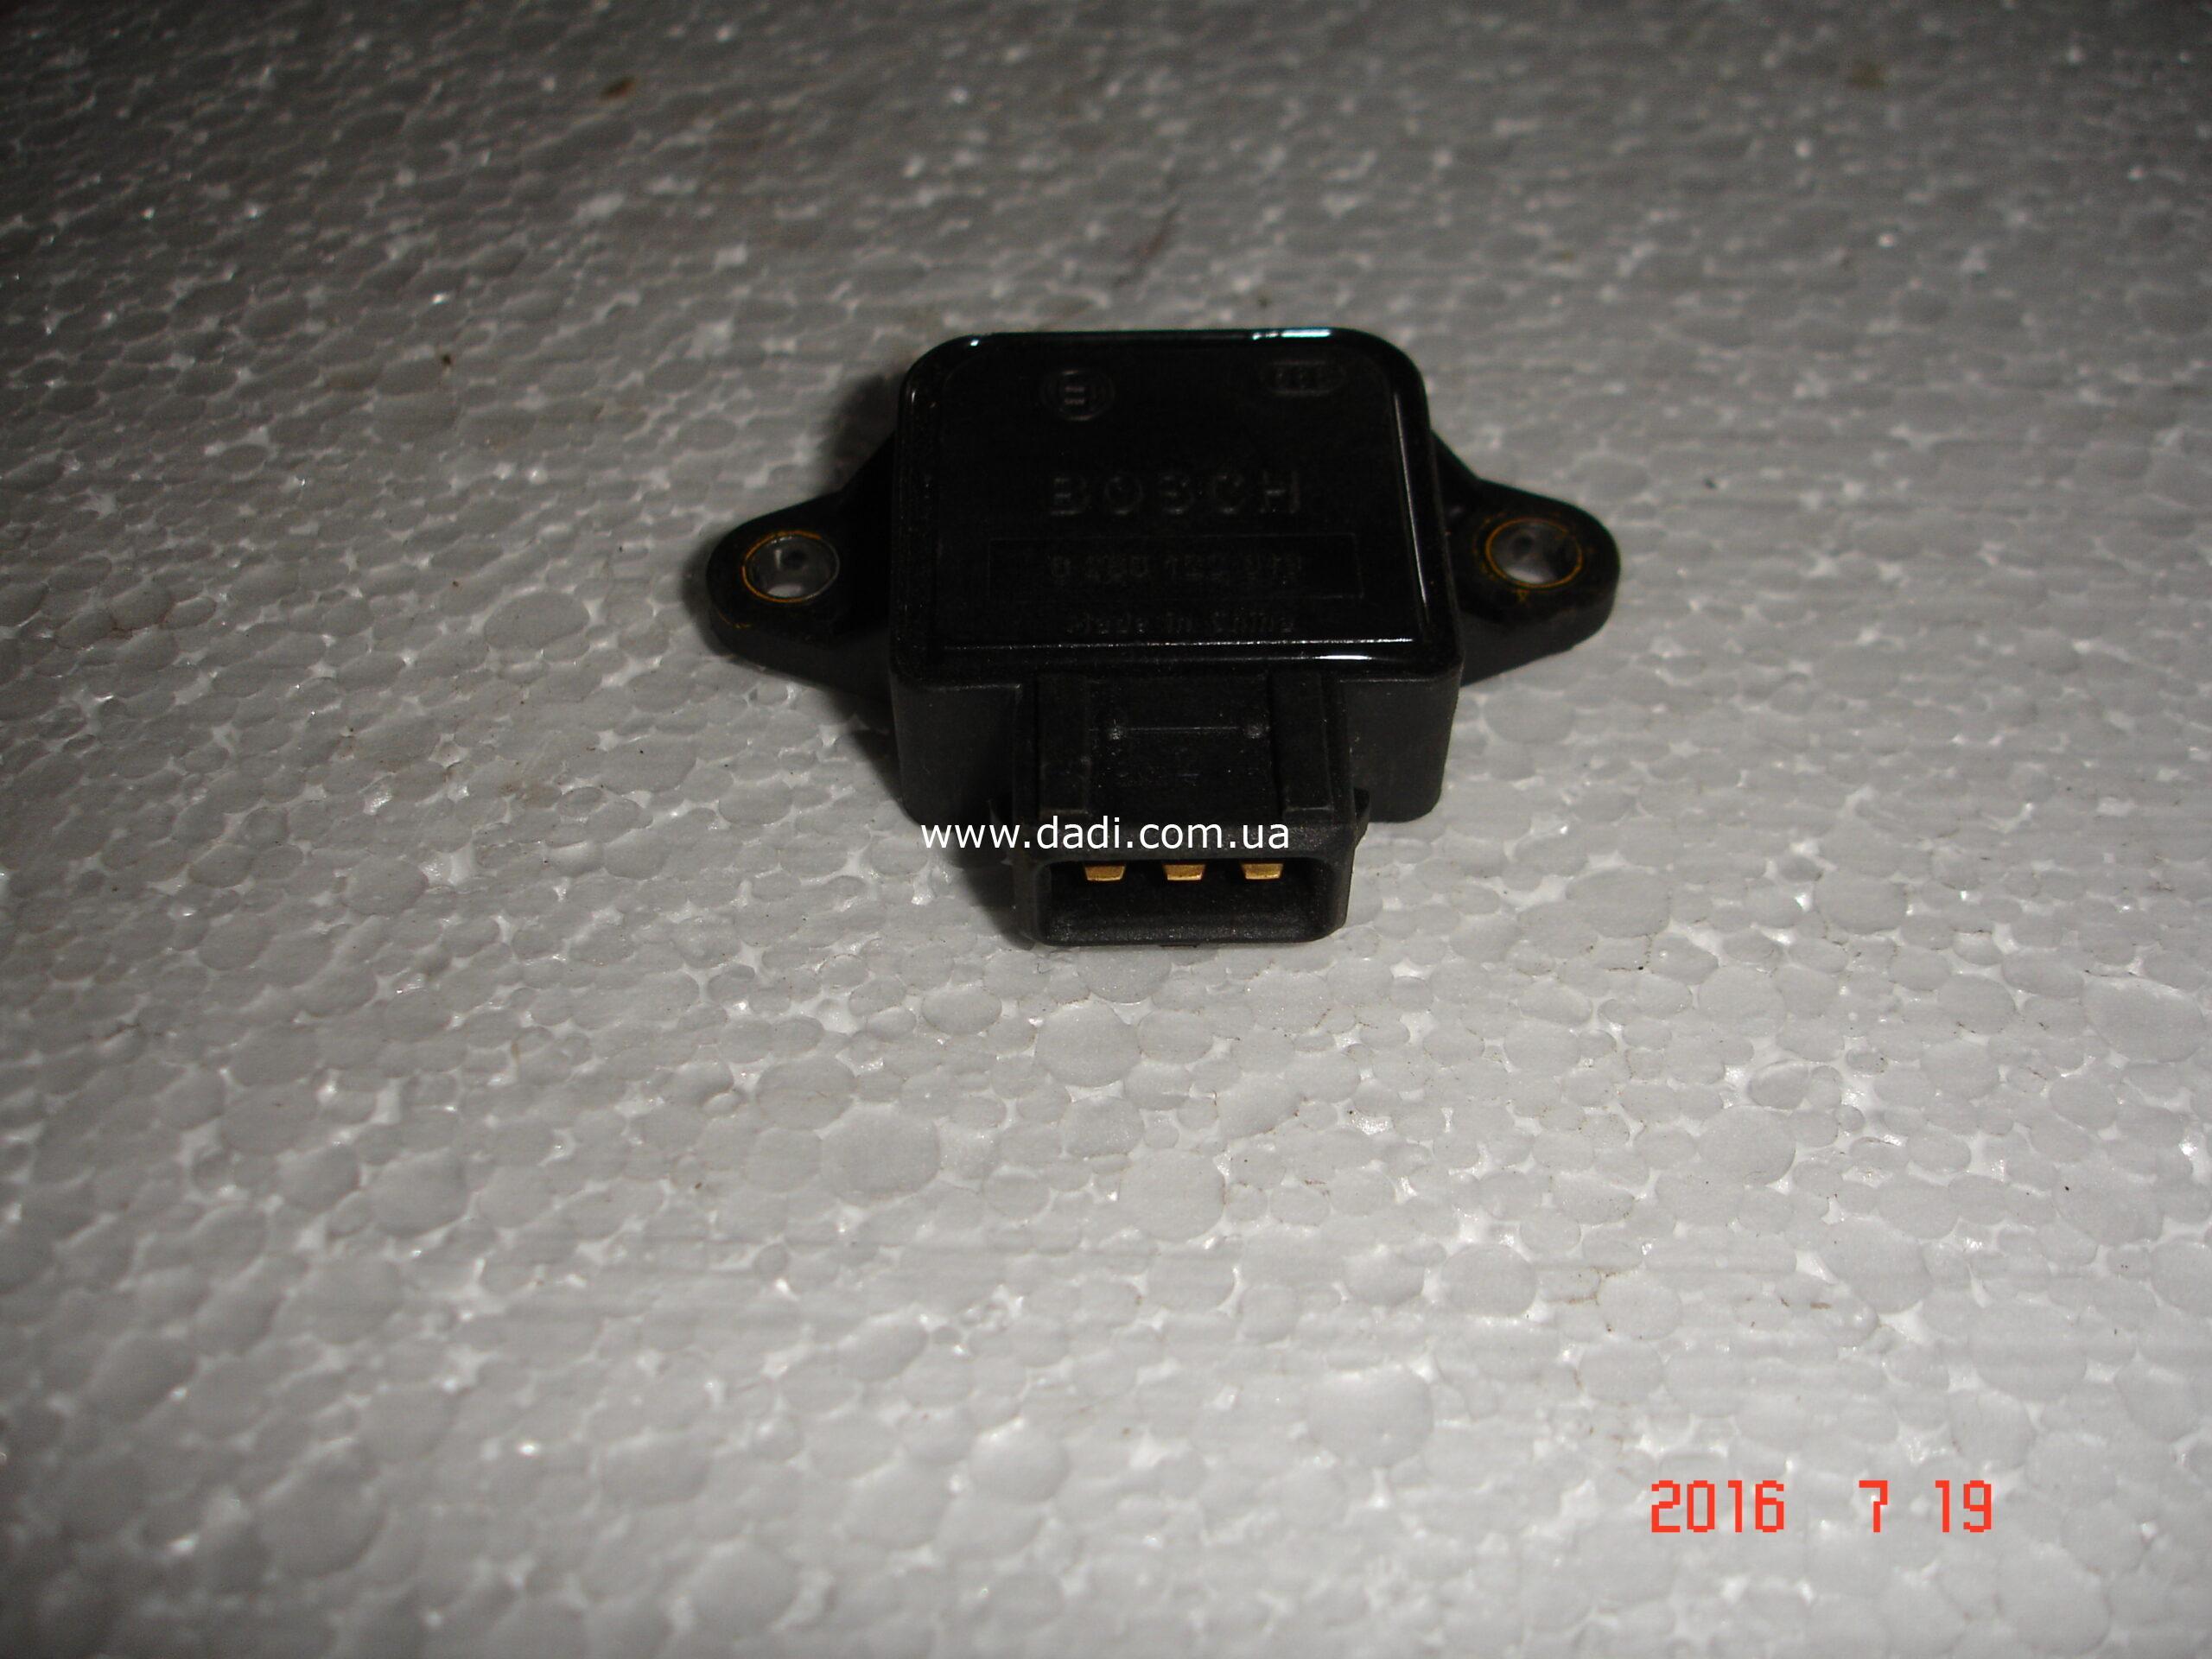 Датчик положення дросельної заслонки Wuling 6376D/ датчик положения дроссельной заслонки-0